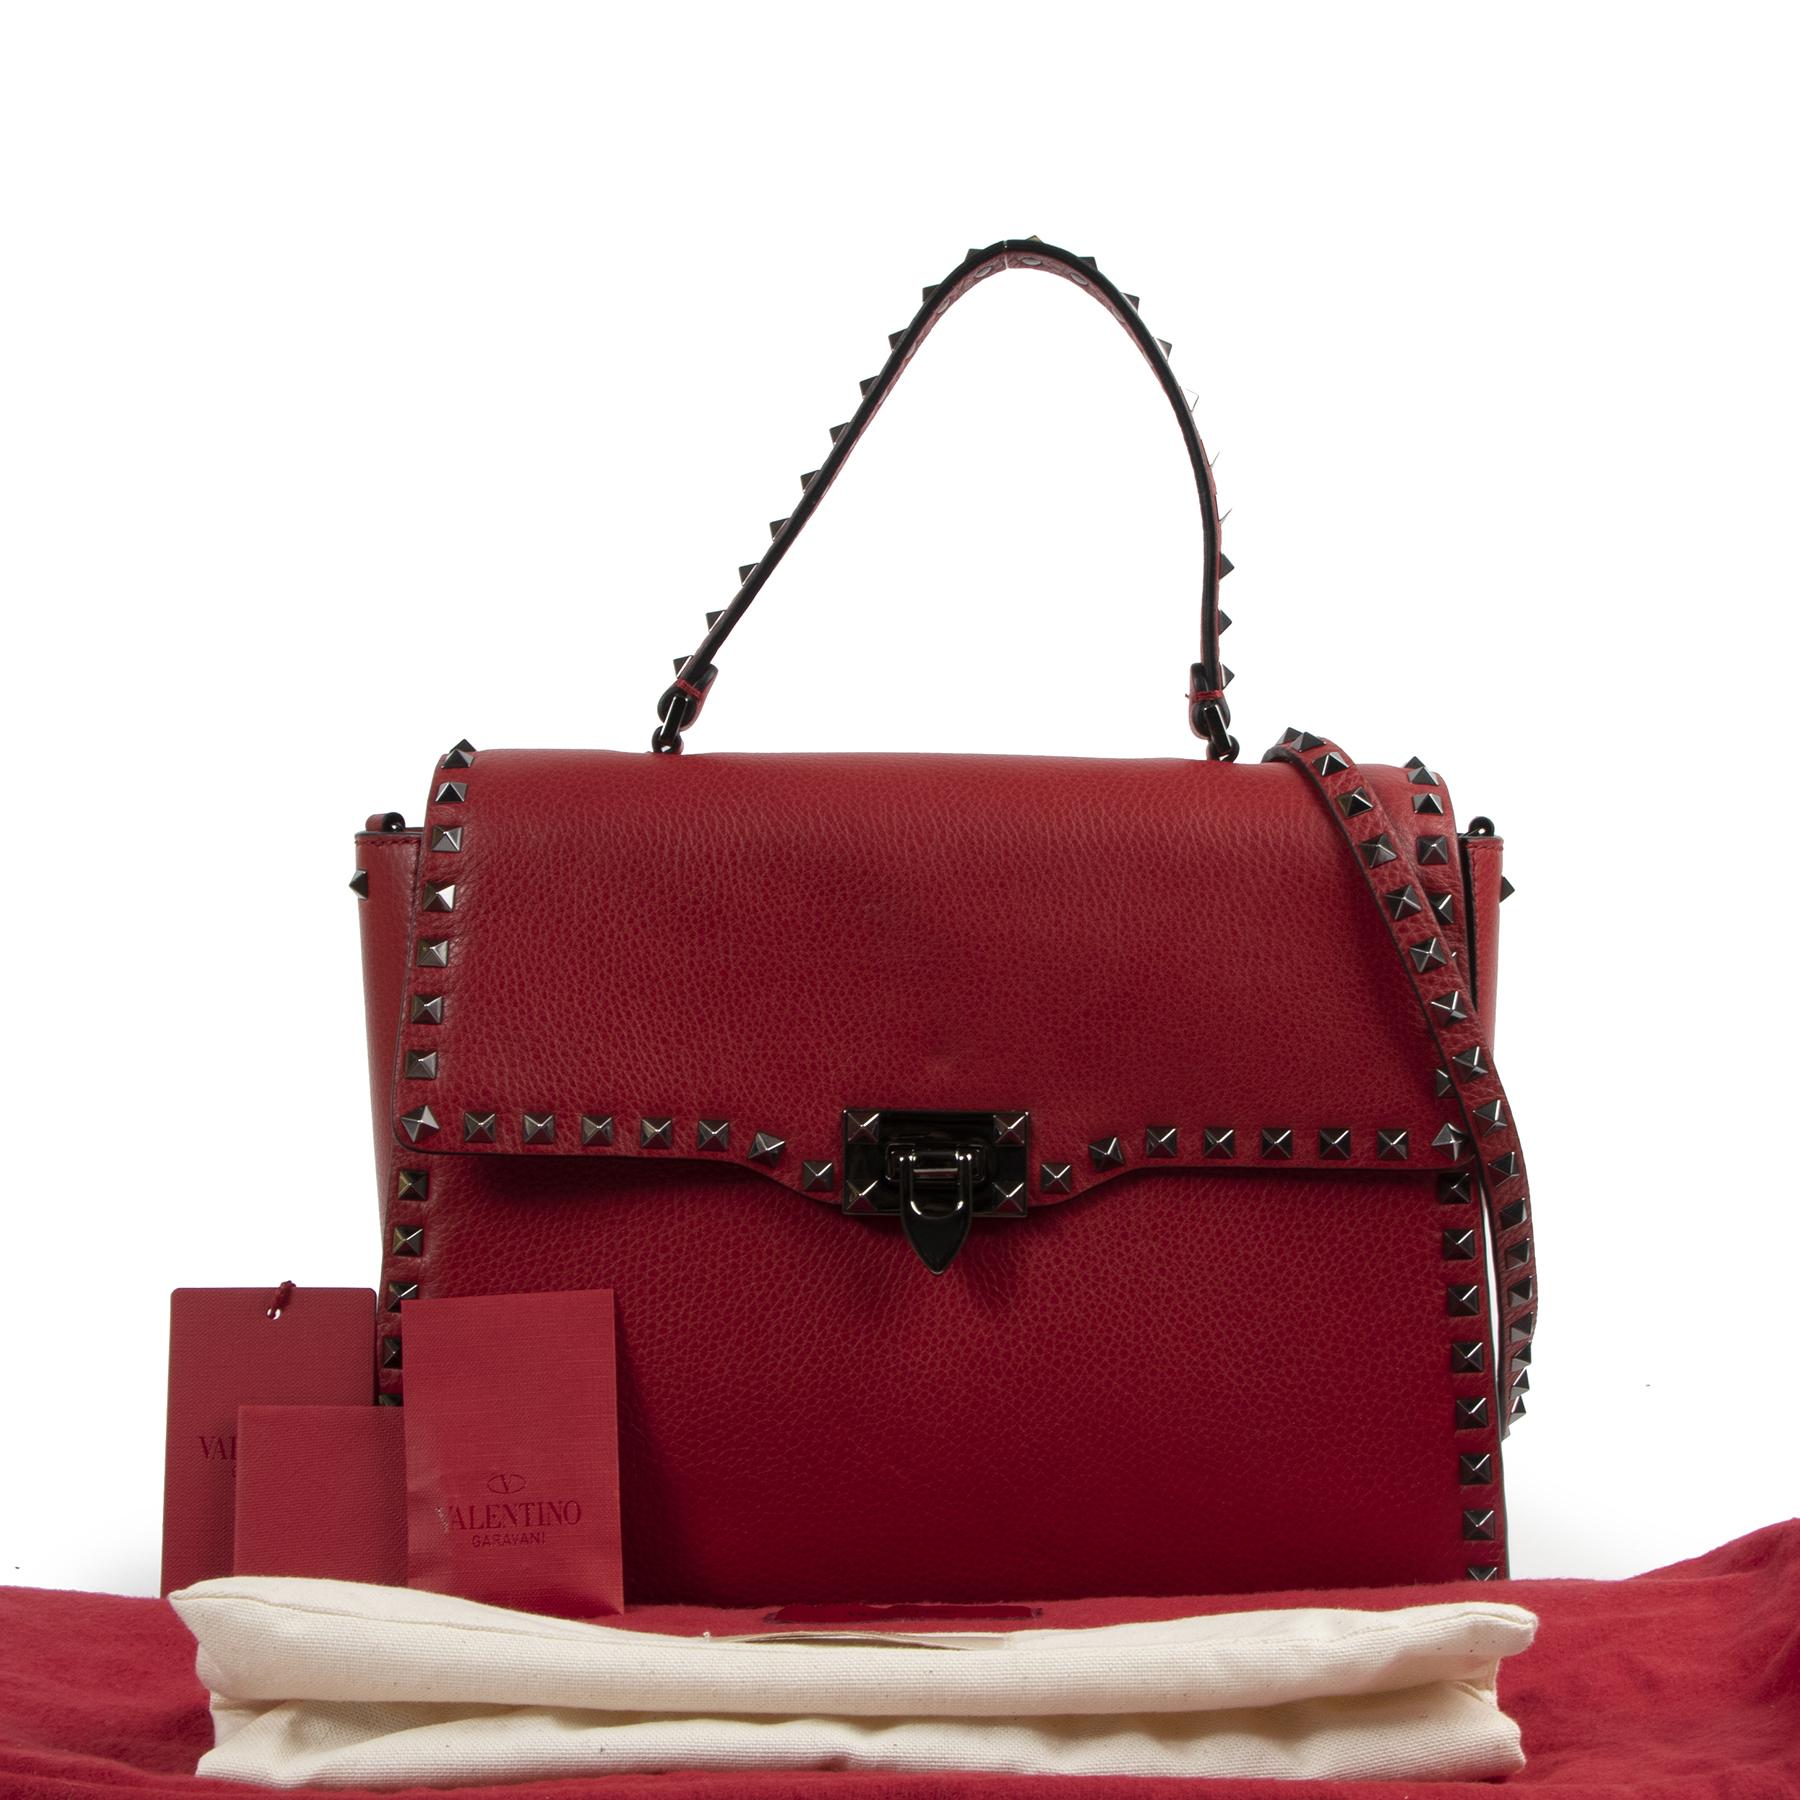 Valentino Garavani Red Leather Rockstud Shoulder Bag